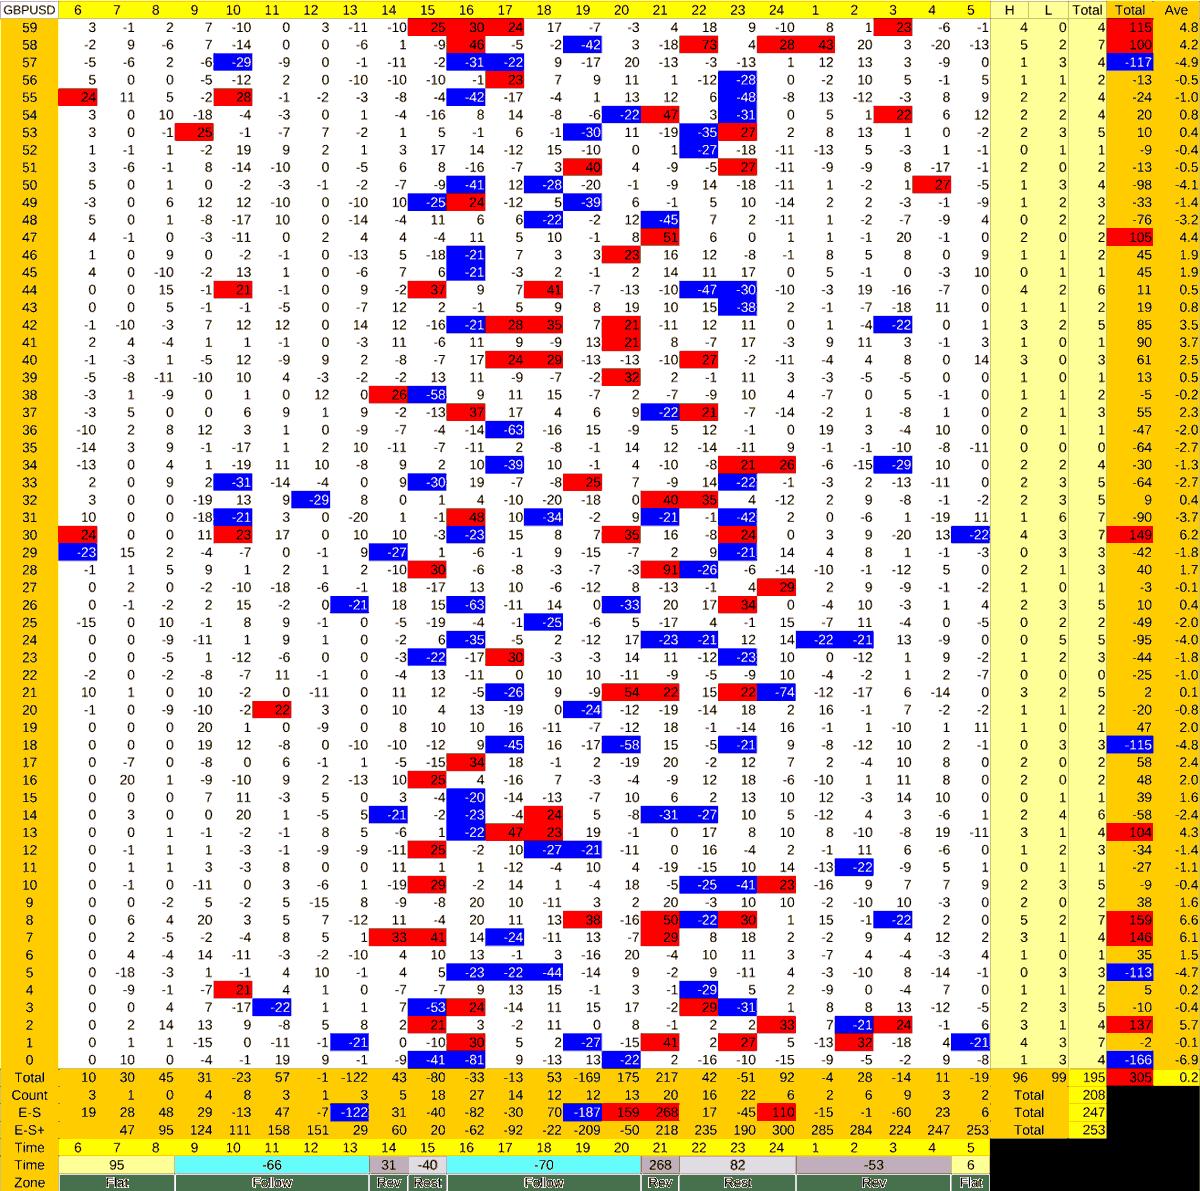 20210602_HS(2)GBPUSD